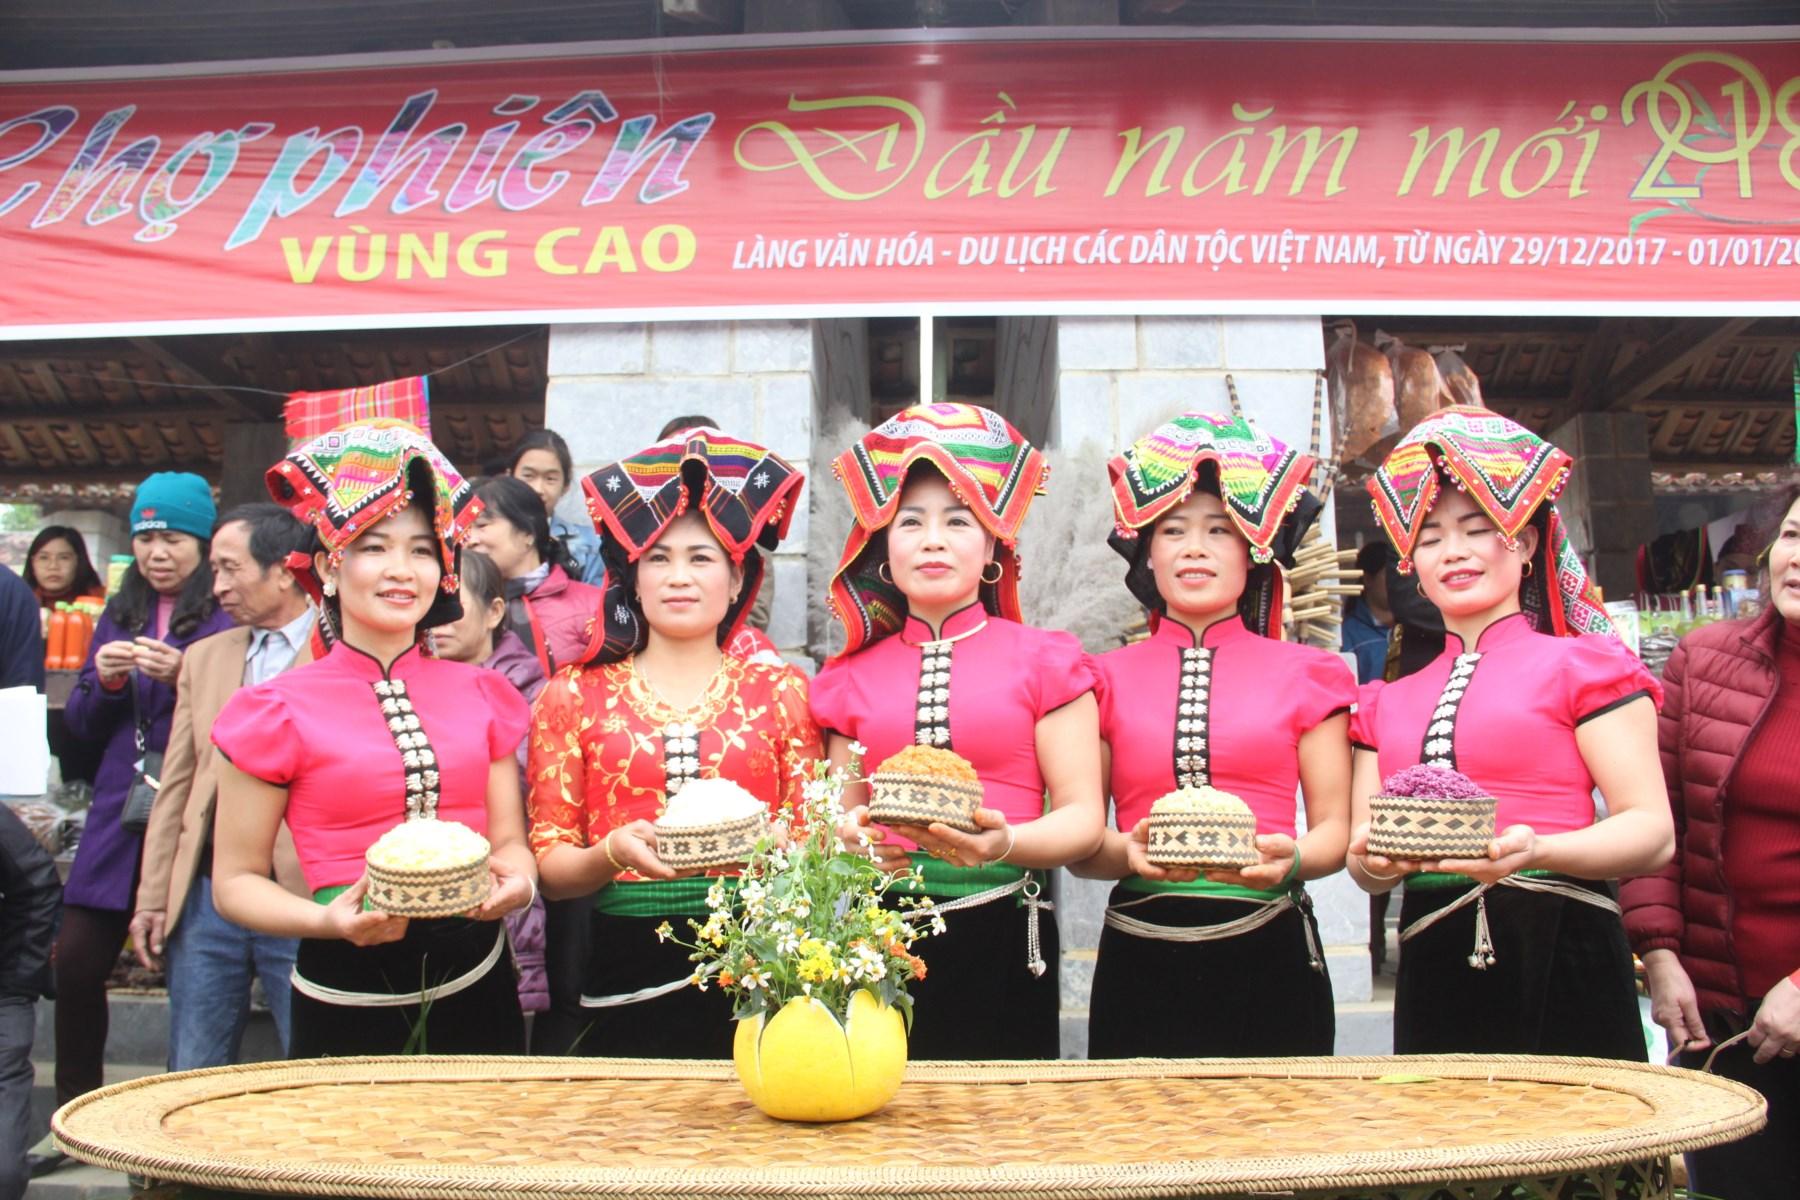 Ngày hội là dịp để giới thiệu, quảng bá những nét đặc trưng văn hóa dân tộc Thái